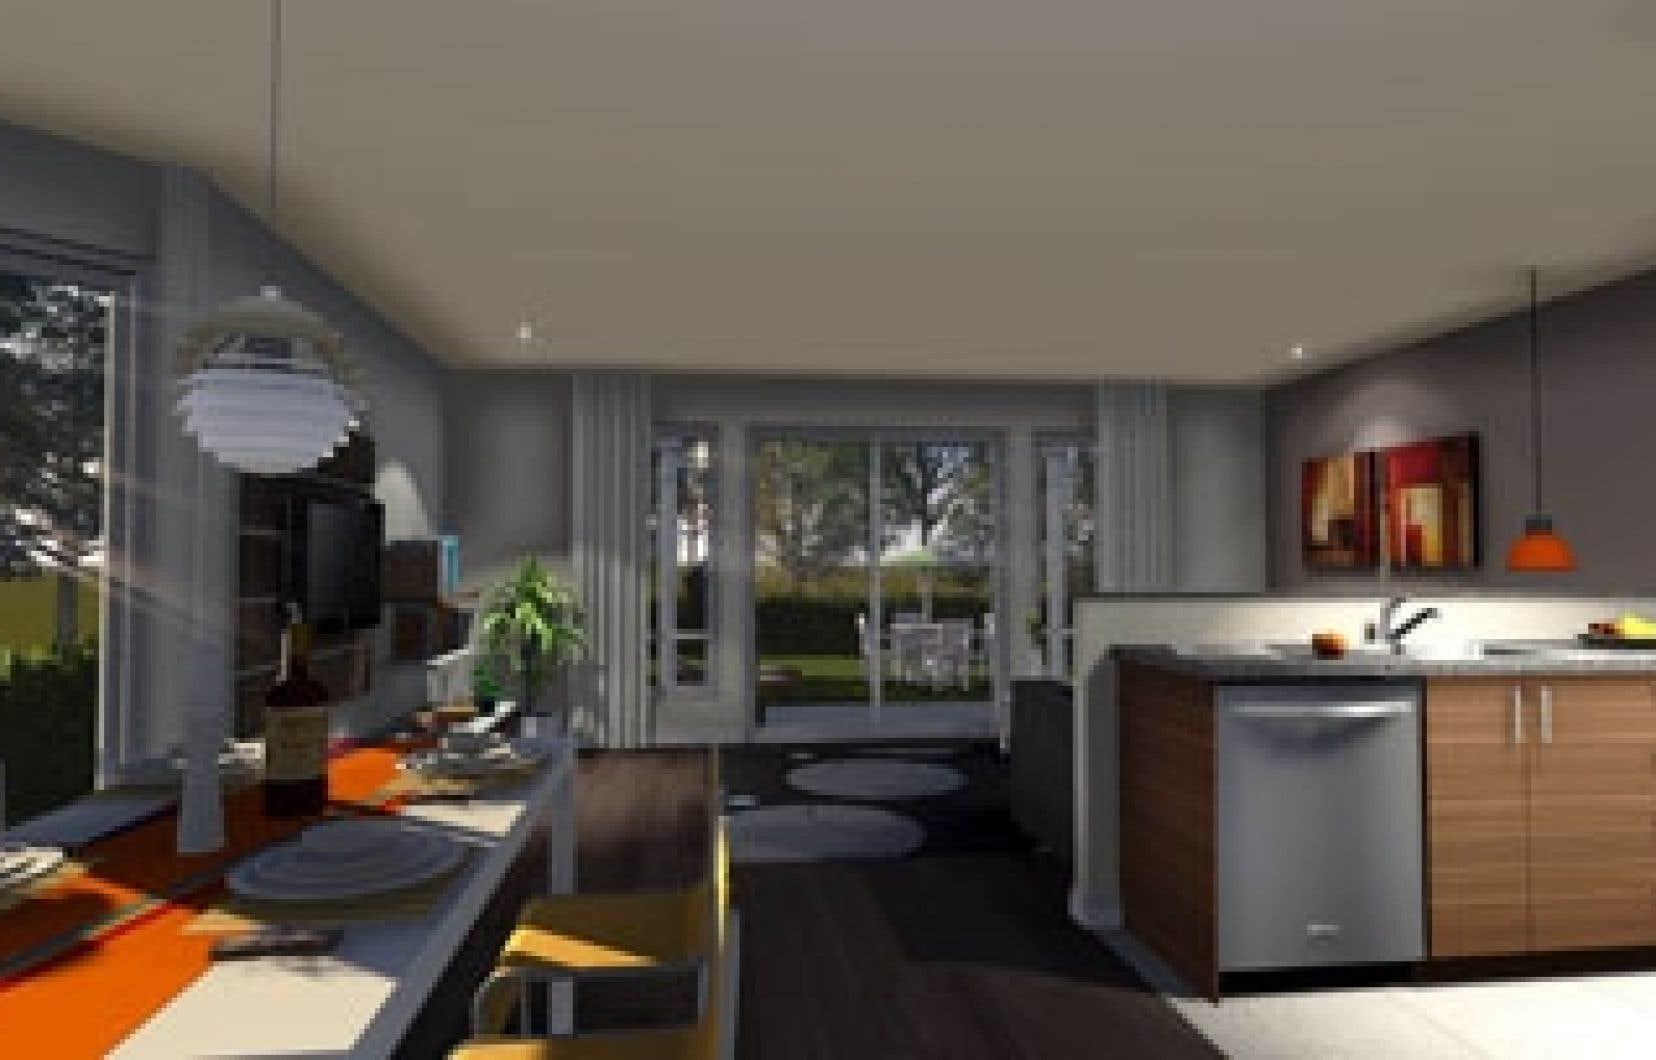 chambly sur le gold vivre en ville et en pleine nature le devoir. Black Bedroom Furniture Sets. Home Design Ideas